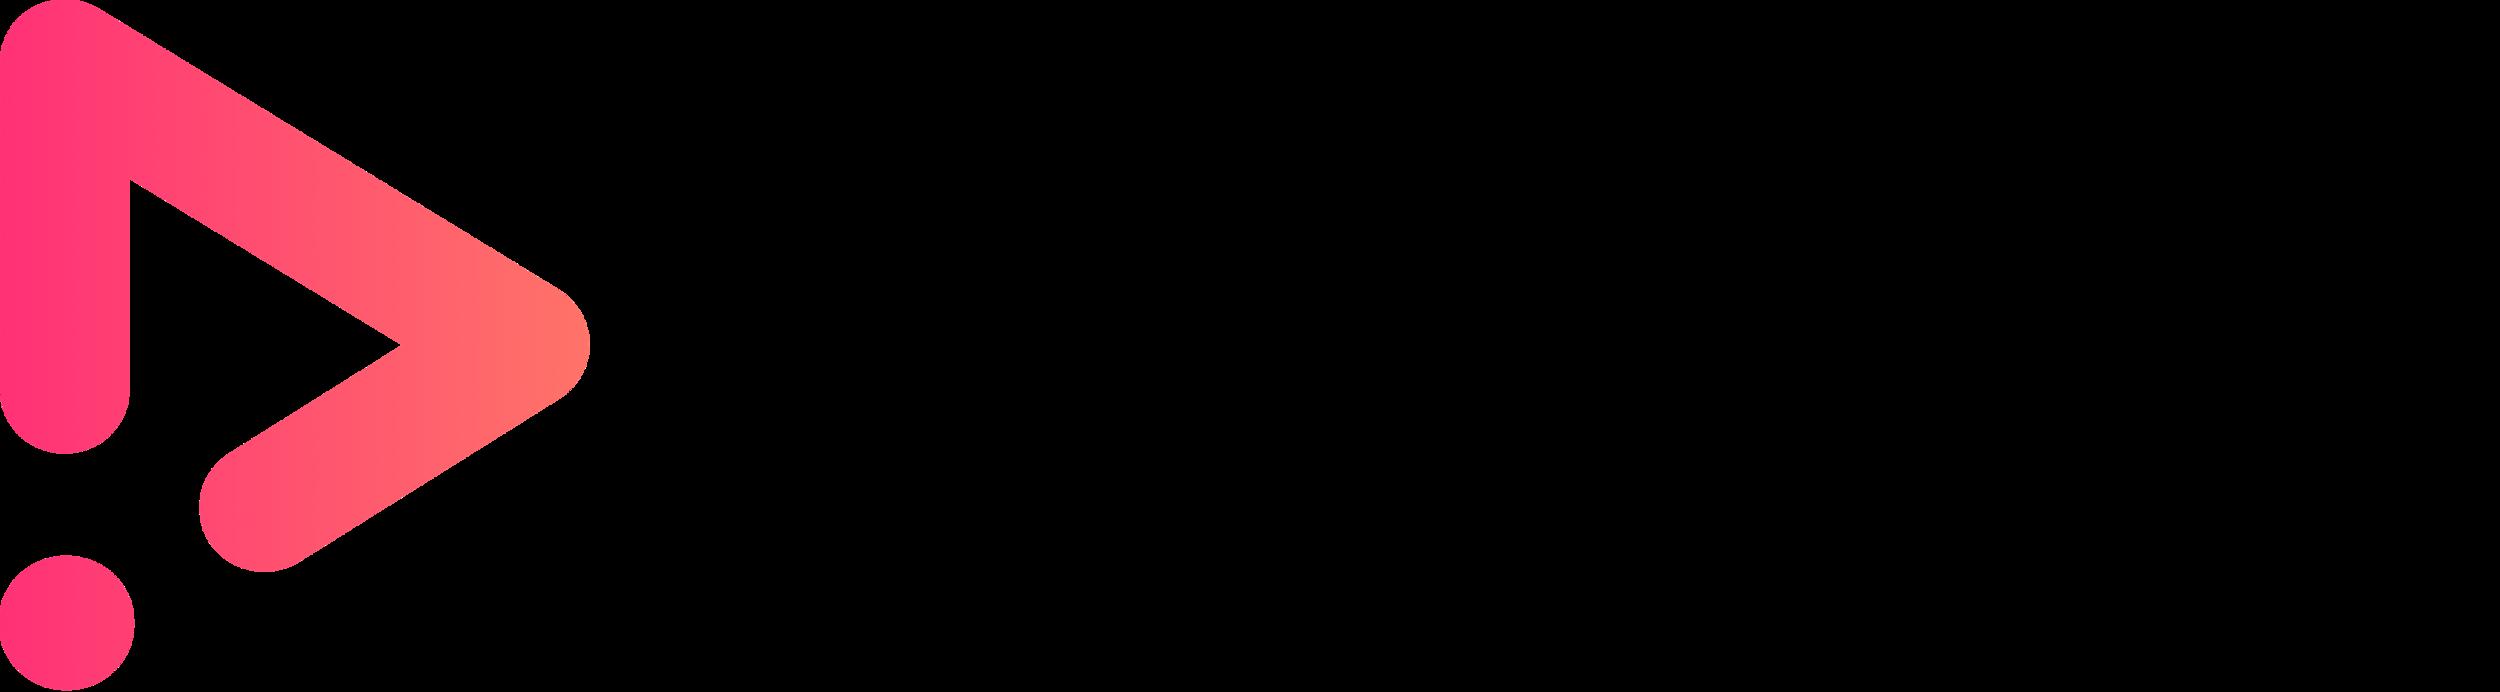 Promo_Logo_Black.png